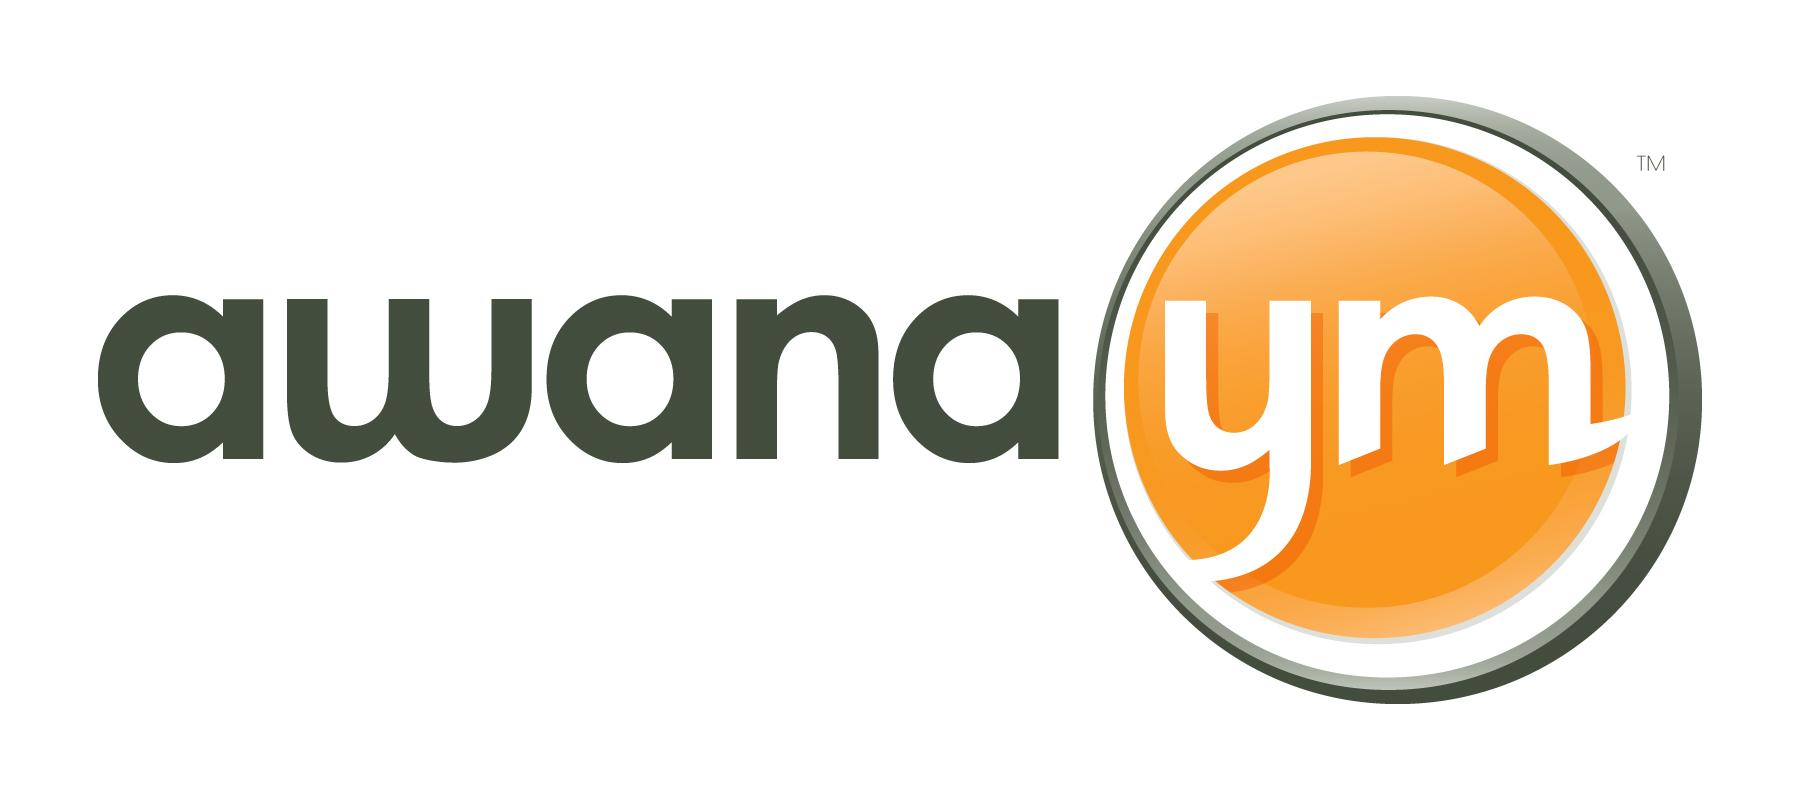 Awana tt clip art image freeuse stock Awana - Youth Ministries - Clipart image freeuse stock